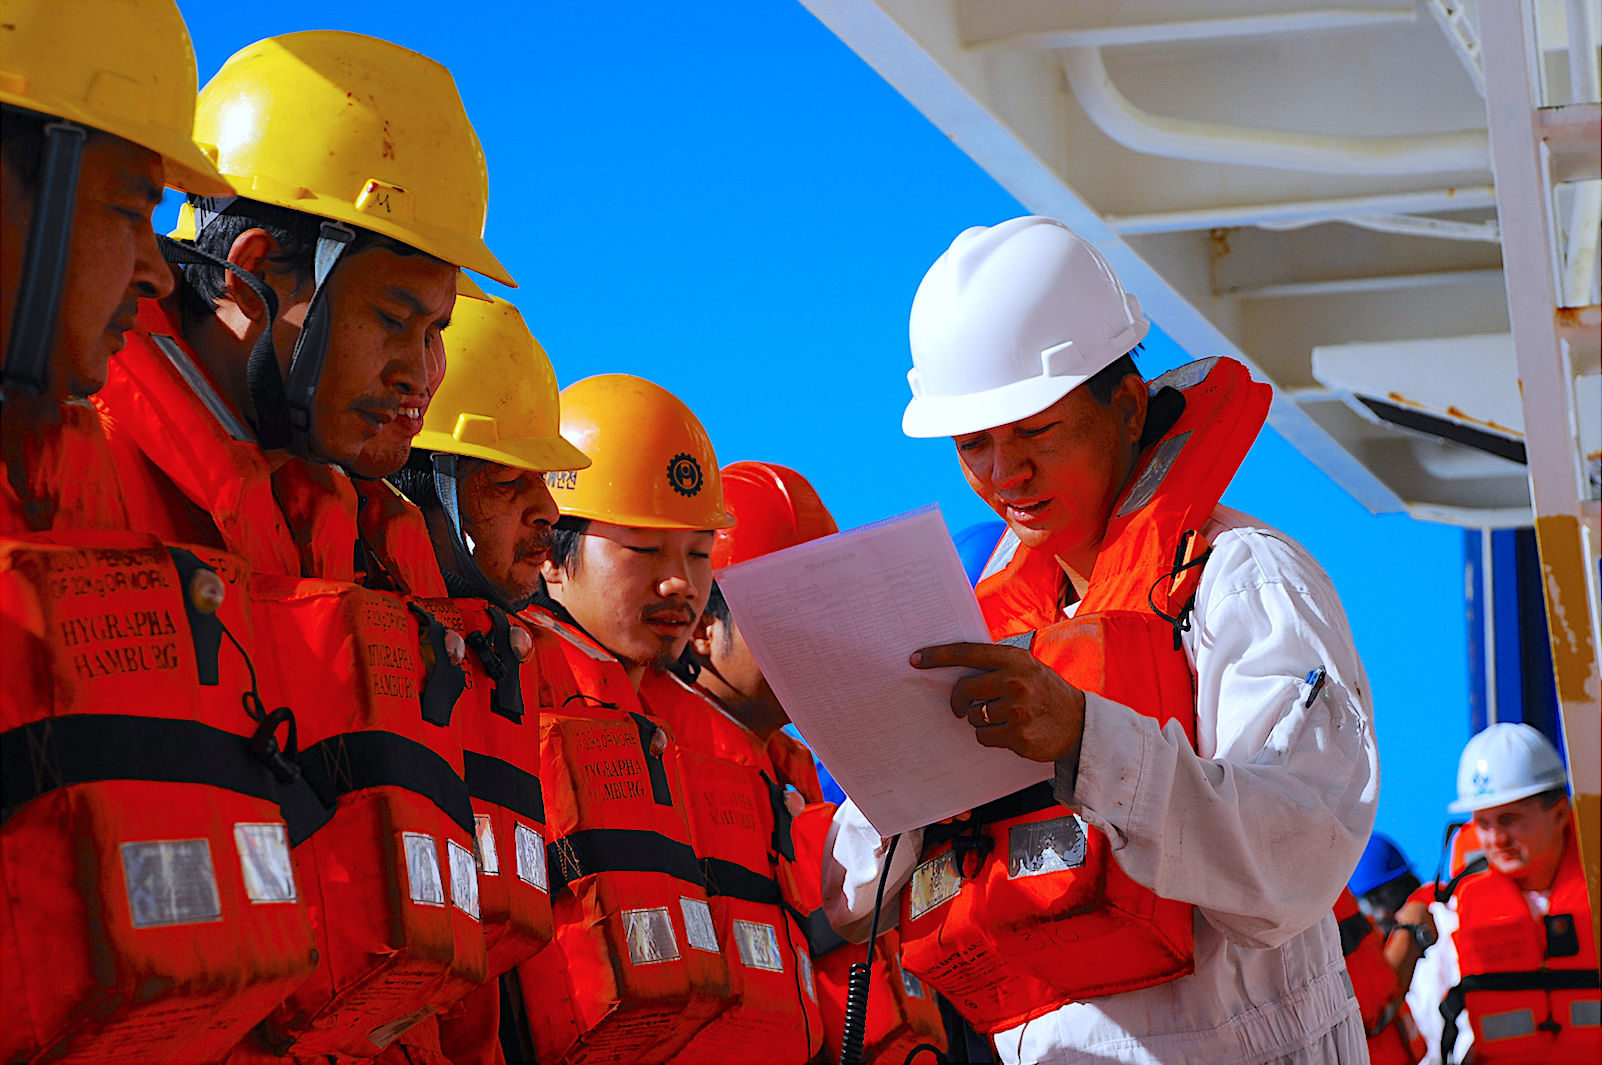 Uniteam Marine Crew Management